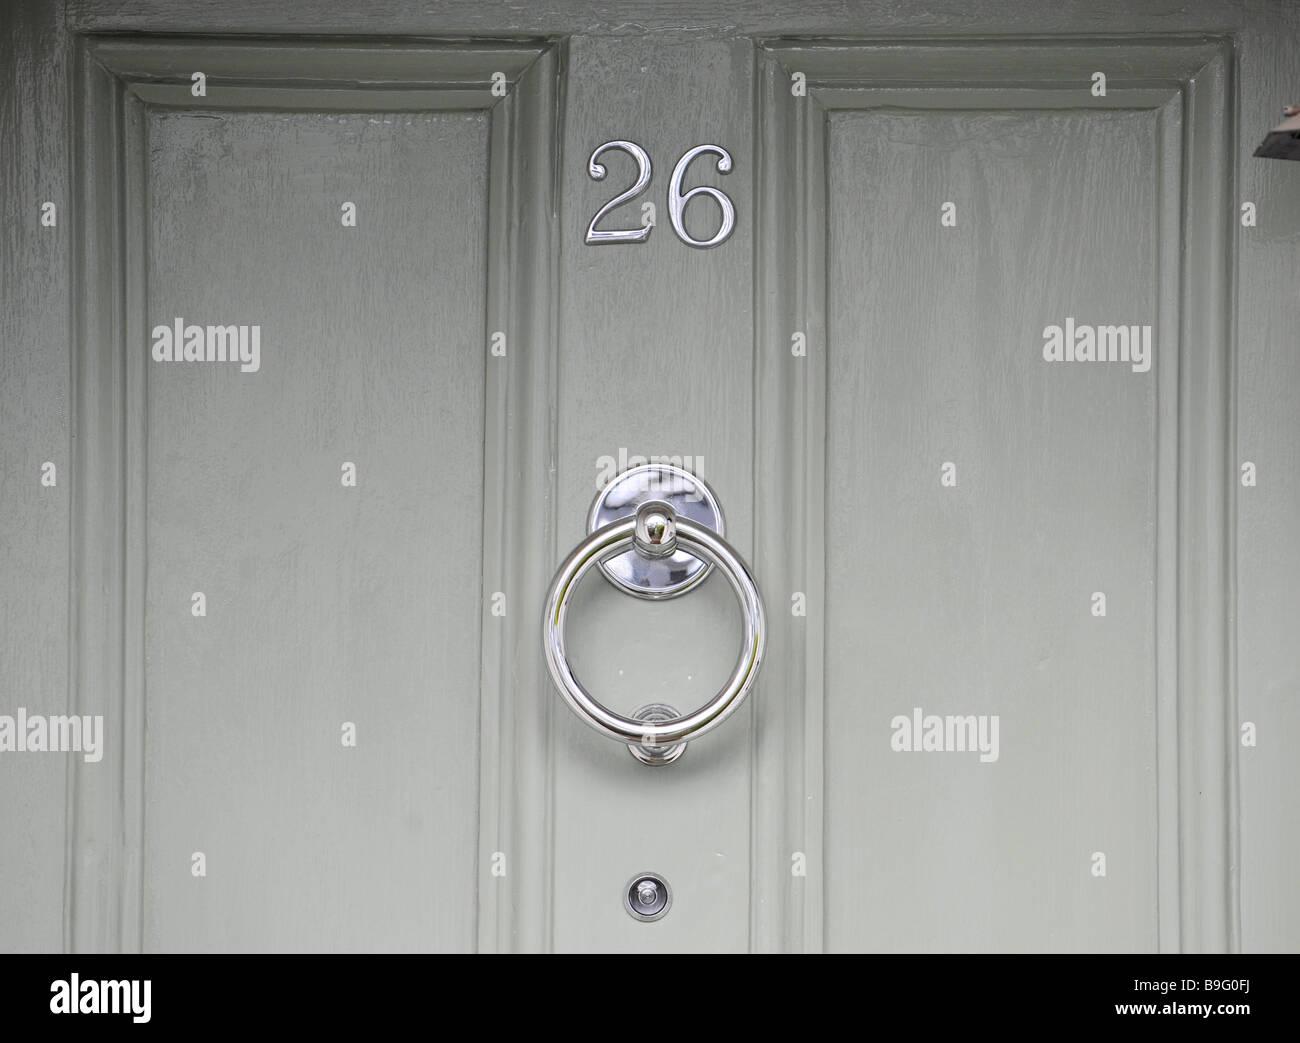 La Chambre Numéro 26, Un Judas Et Un Heurtoir Peint Sur La Porte Du0027un  établissement Anglais, Appartement, Maison, Duplex